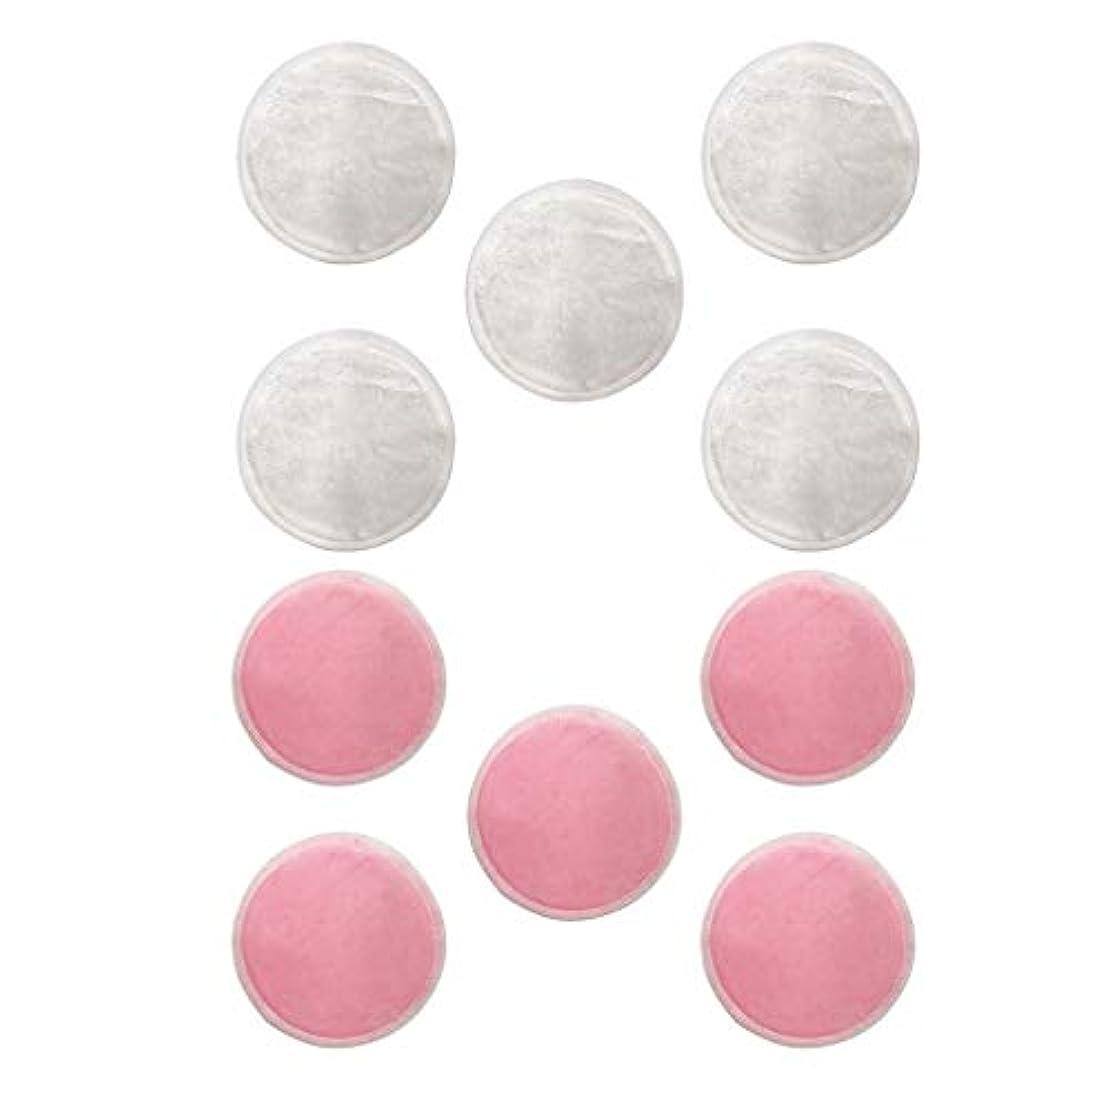 ゼリー人工伝えるdailymall Natural Rounds 10 Packs-顔用の再利用可能な竹繊維メイク落としパッド-再利用可能なフェイシャルコットンラウンド